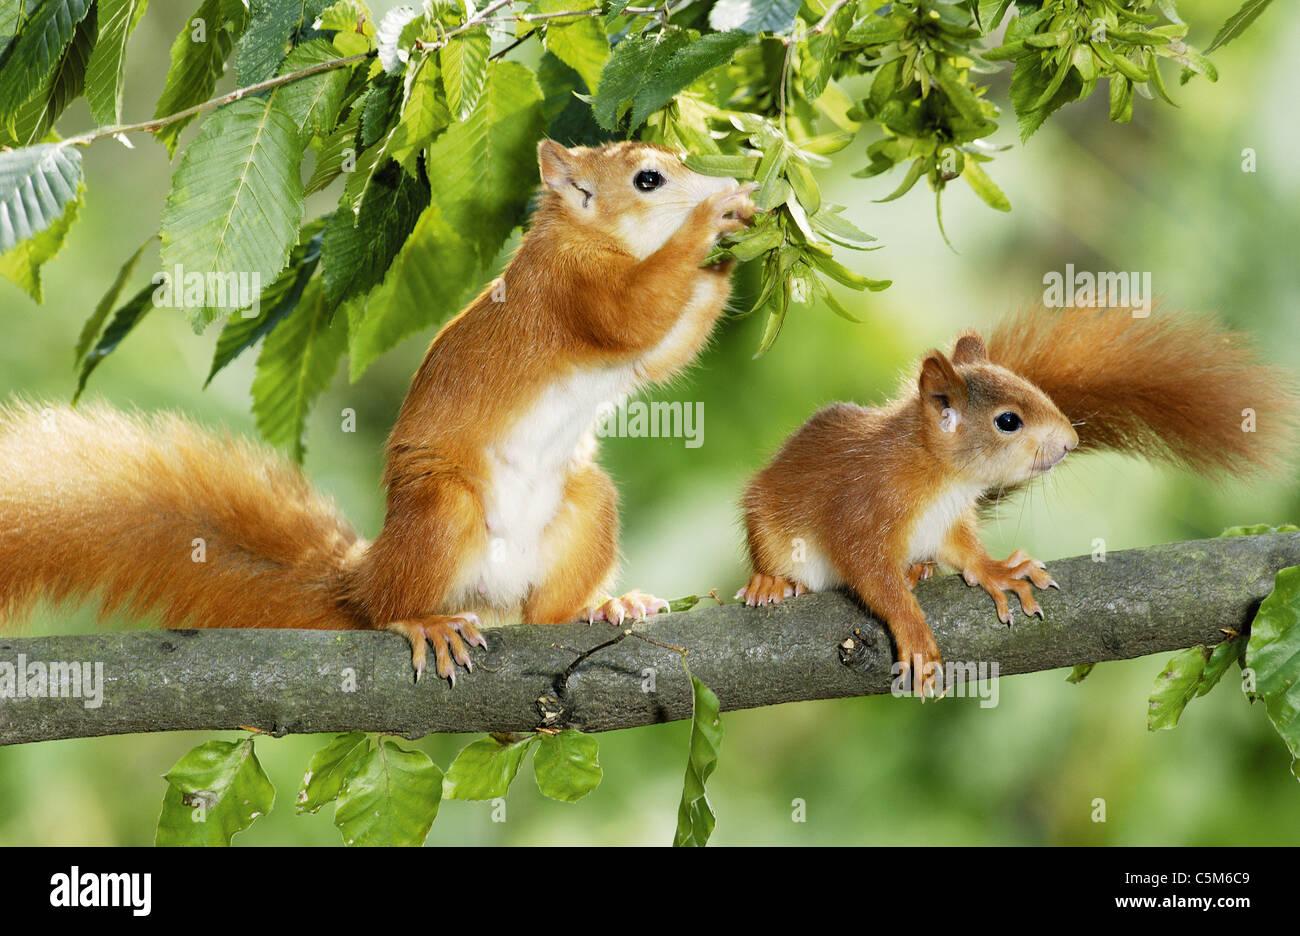 Europäische Eichhörnchen mit Cub auf Baum Stockbild